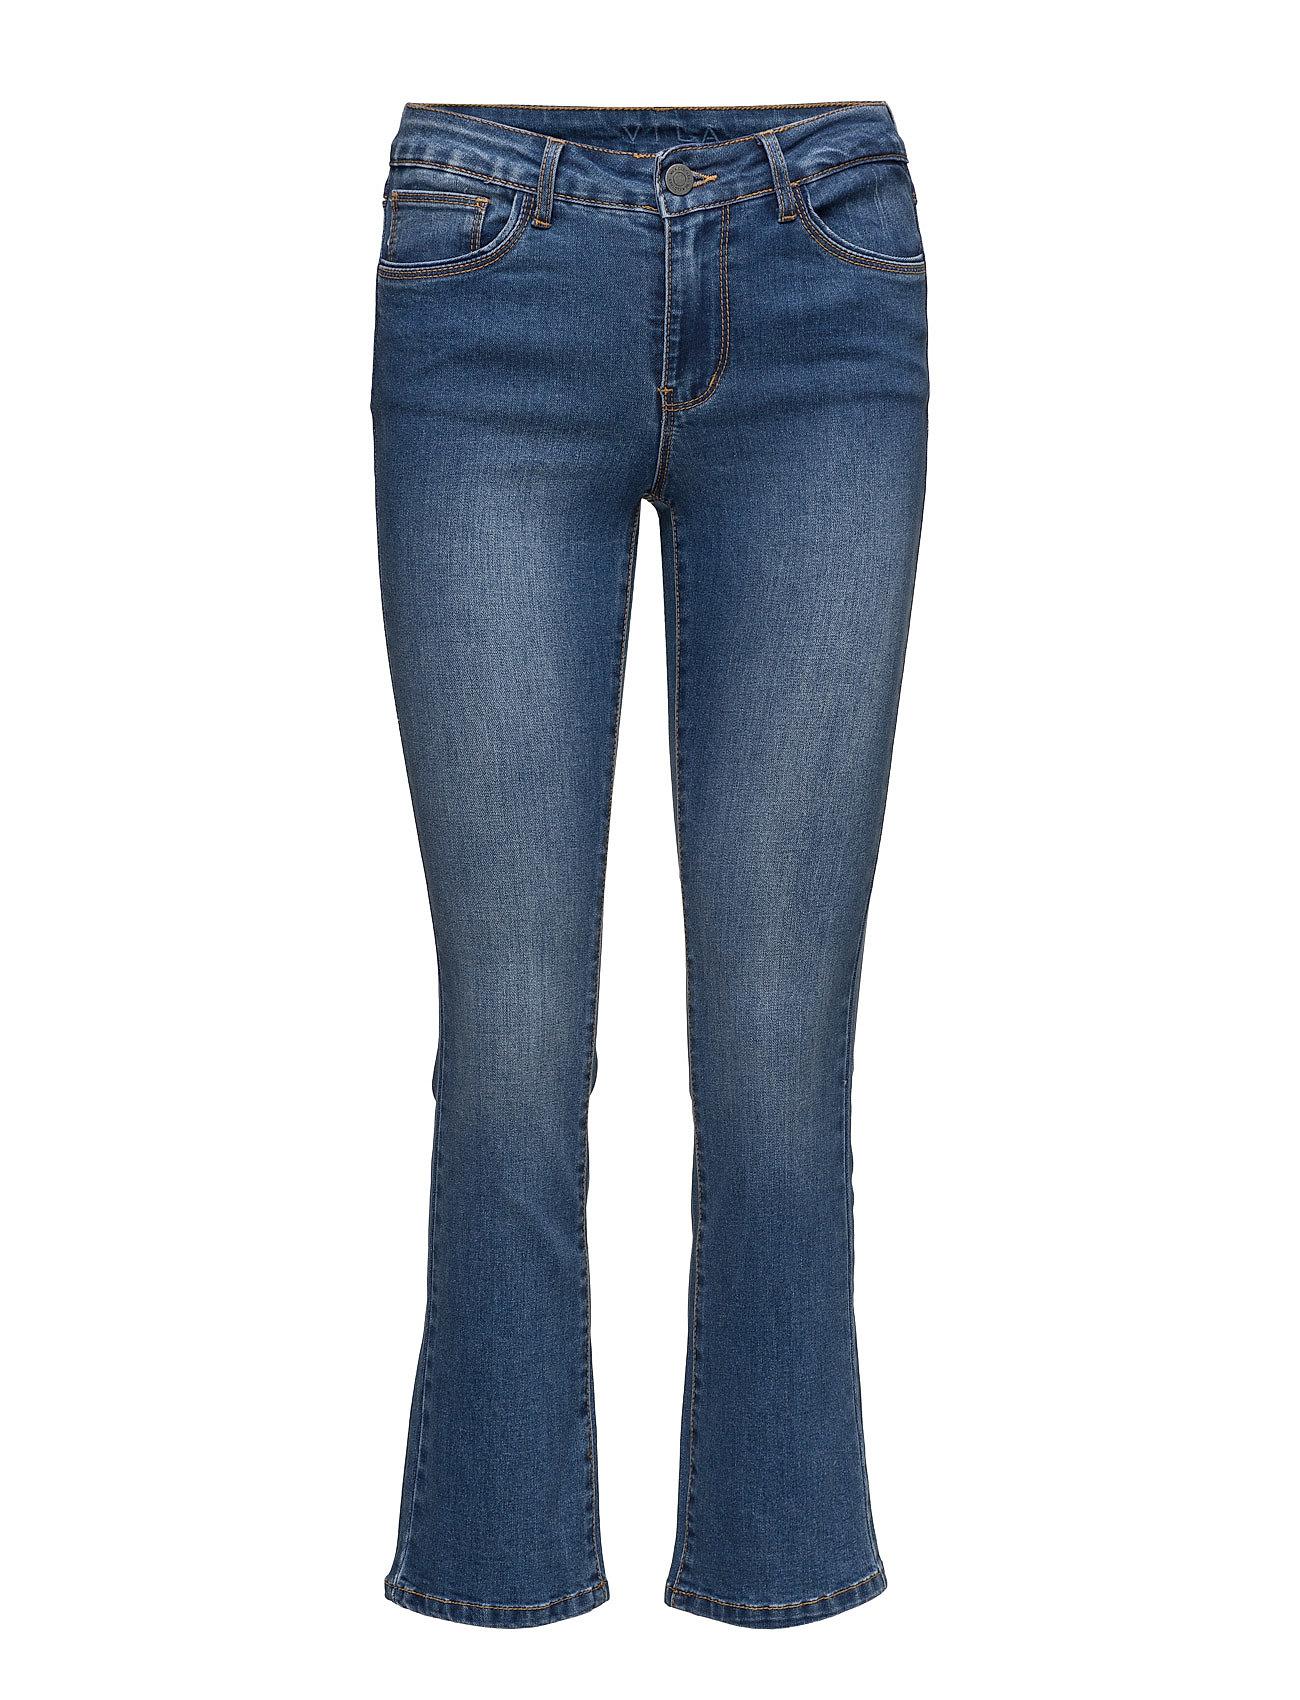 Vibarcher Rw 5p Microflared Jeans Vila Trompetbukser til Damer i